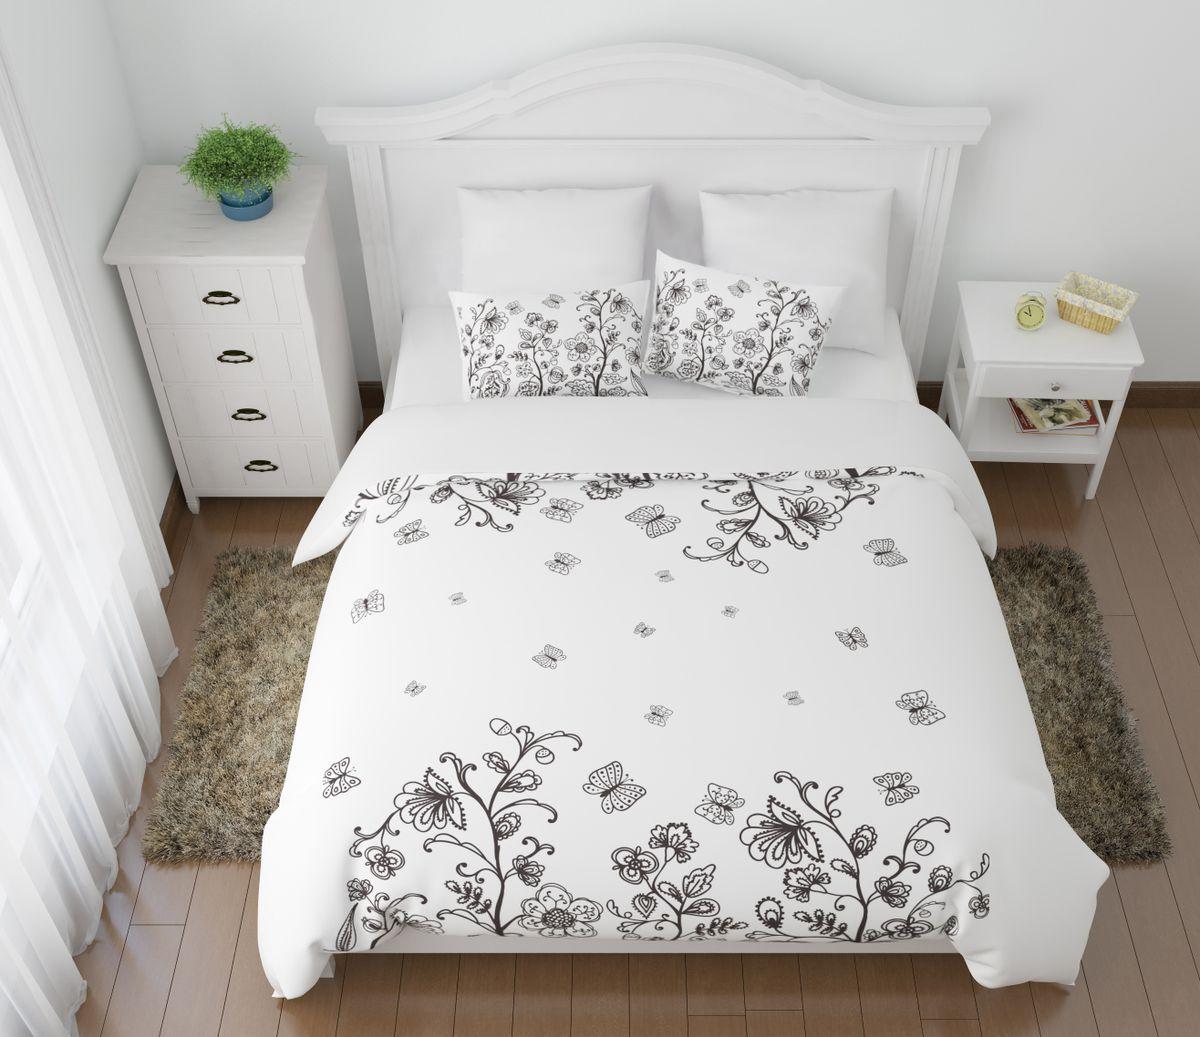 Комплект белья Сирень Танго цветов и бабочек, 1,5-спальный, наволочки 50x7004523-КПБ-МКомплект постельного белья Сирень выполнен из прочной и мягкой ткани. Четкий и стильный рисунок в сочетании с насыщенными красками делают комплект постельного белья неповторимой изюминкой любого интерьера. Постельное белье идеально подойдет для подарка. Идеальное соотношение смешенной ткани и гипоаллергенных красок это гарантия здорового, спокойного сна. Ткань хорошо впитывает влагу, надолго сохраняет яркость красок. Цвет простыни, пододеяльника, наволочки в комплектации может немного отличаться от представленного на фото. В комплект входят: простынь - 150х220см; пододельяник 145х210 см; наволочка - 50х70х2шт. Постельное белье легко стирать при 30-40 градусах, гладить при 150 градусах, не отбеливать.Рекомендуется перед первым изпользованием постирать.